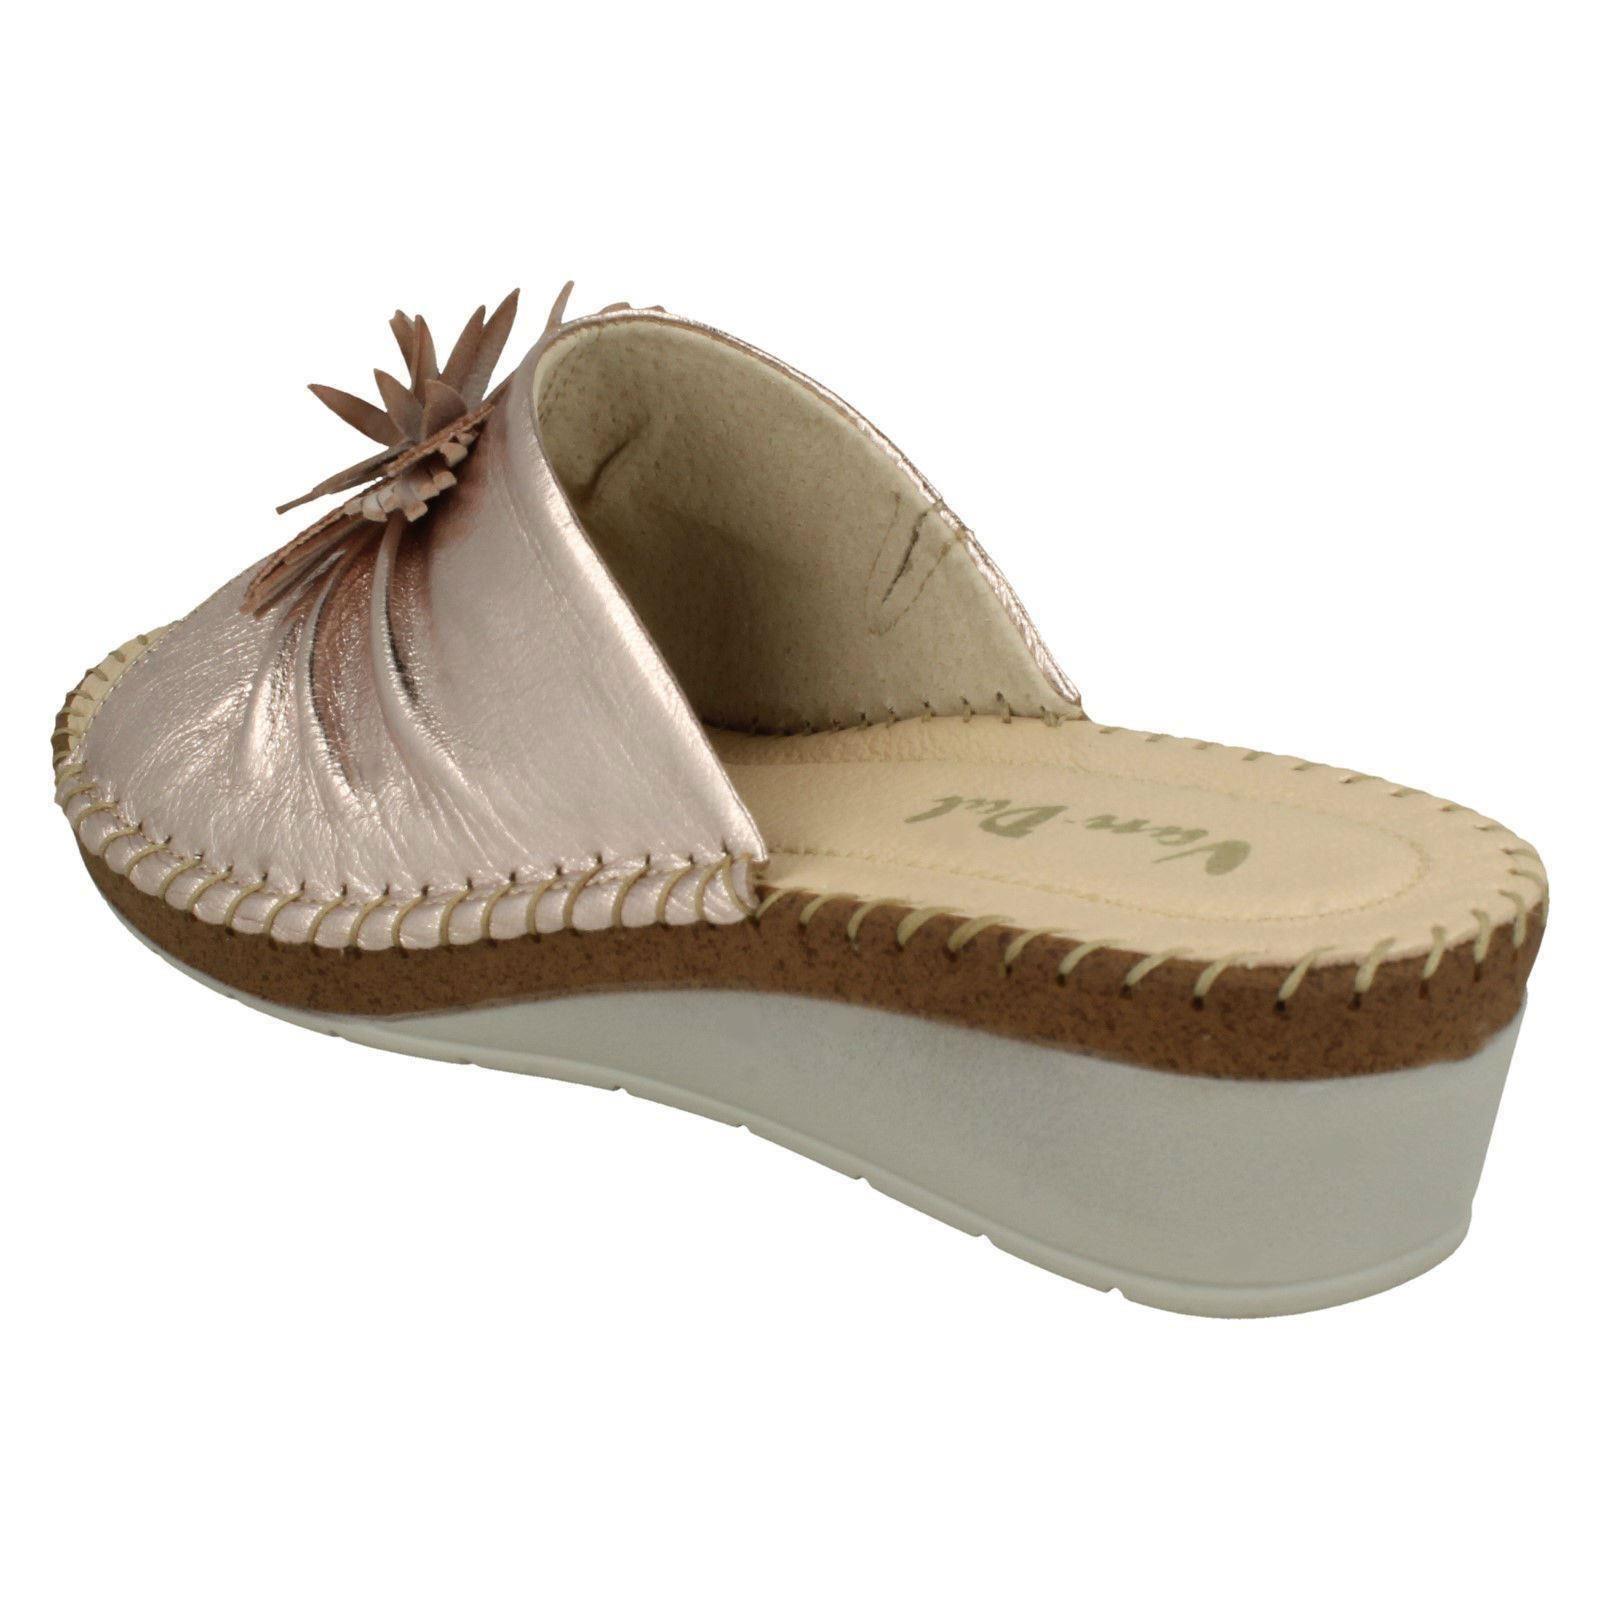 Ladies-Van-Dal-Wedge-Heel-Mule-Sandals-039-Banks-039 thumbnail 10